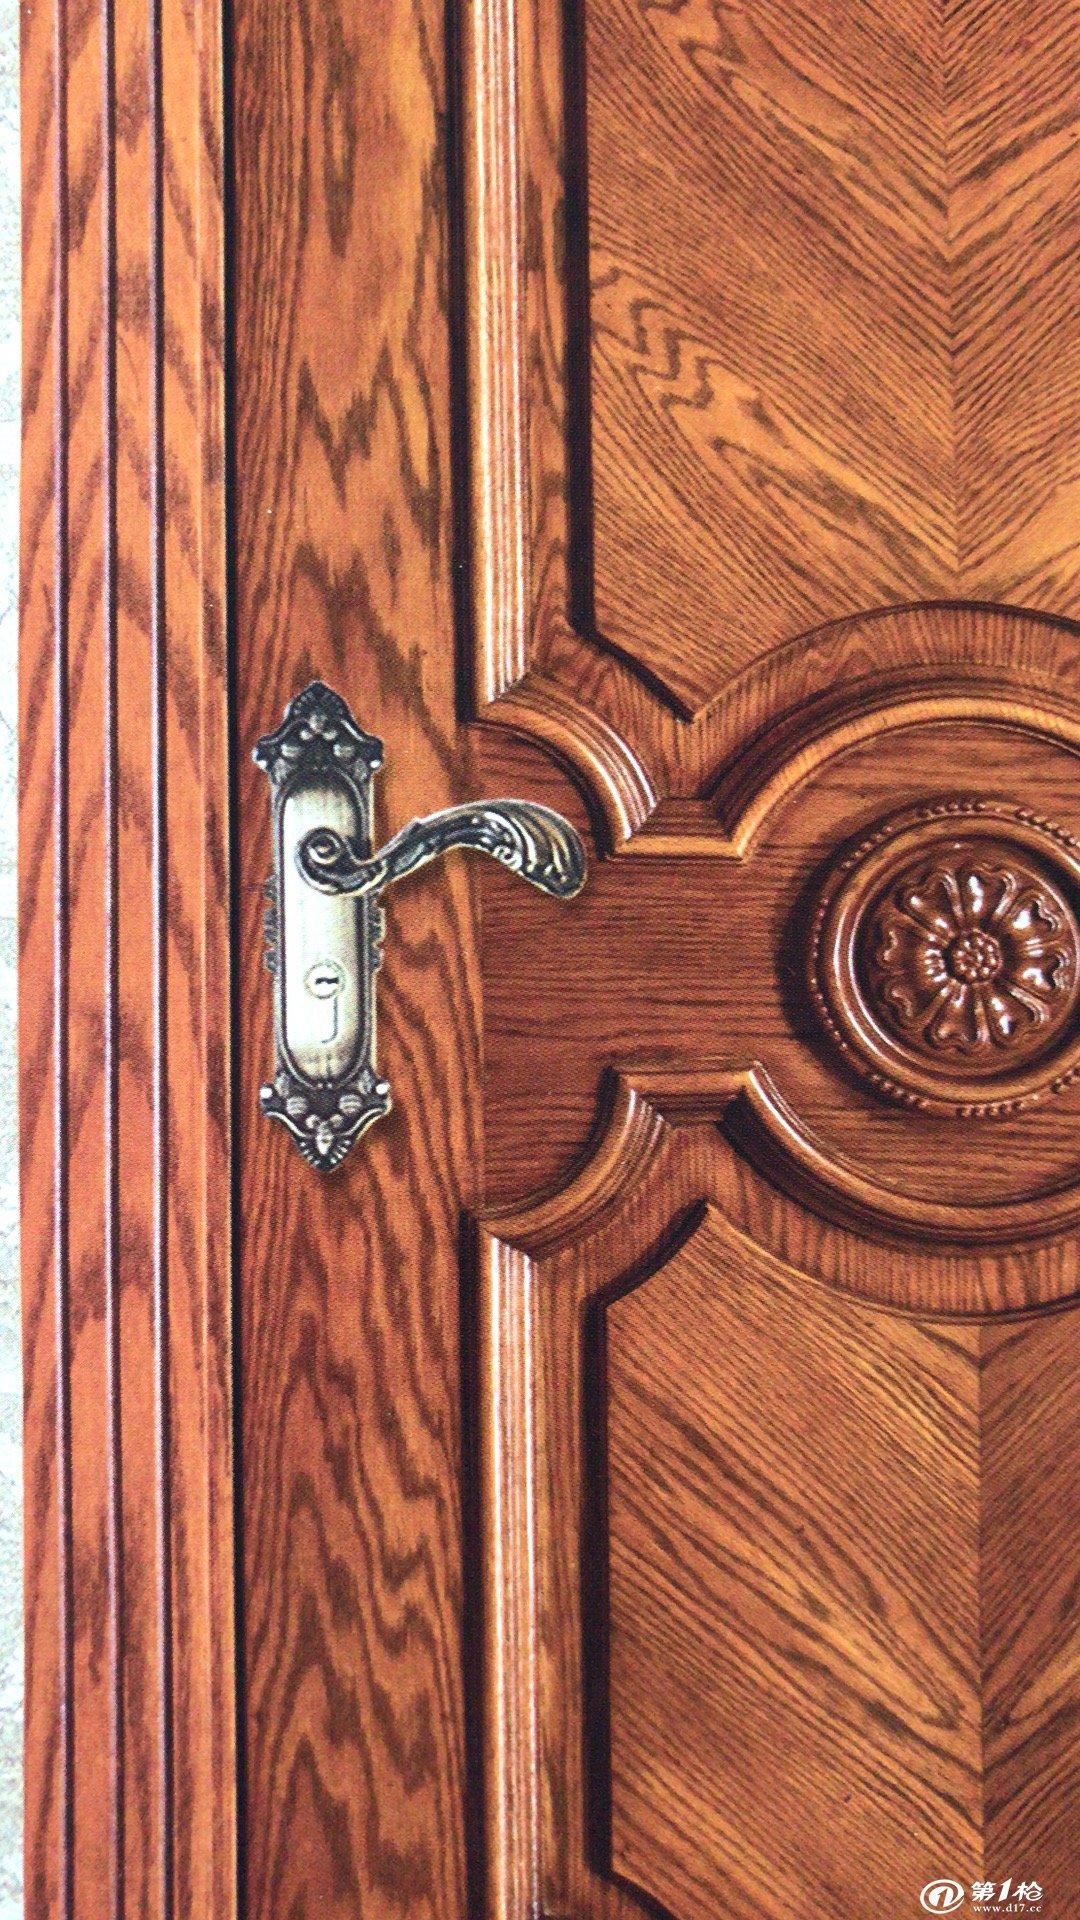 澳威 y-6010新中式经典雕花木门 本公司是一家集研发、设计、生产、销售、售后服务为一体的综合性木业企业,我公司主要生产实木复合木门、衣柜、酒柜定制、护墙板及原木家具定制、高档住宅、奢华别墅、高端写字楼等知名场所定制木作的专业配套供应商。作为高起点的木业企业,公司拥有设计理念超前的设计师队伍,技术过硬的员工队伍,从国内外引进现代化生产线。公司拥有优秀的营销团队,同时,组建了一支高水平的安装队伍,为顾客提供完善的营销、设计、测量售后等各项服务,经过多年的市场运作,在木门行业已居市场前前列位置。  现代大多